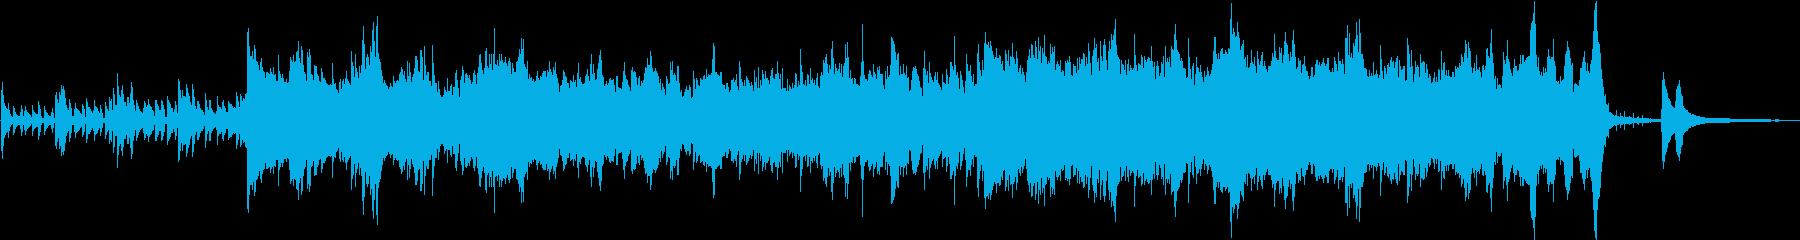 PV】さわやかでエレガントなピアノの再生済みの波形